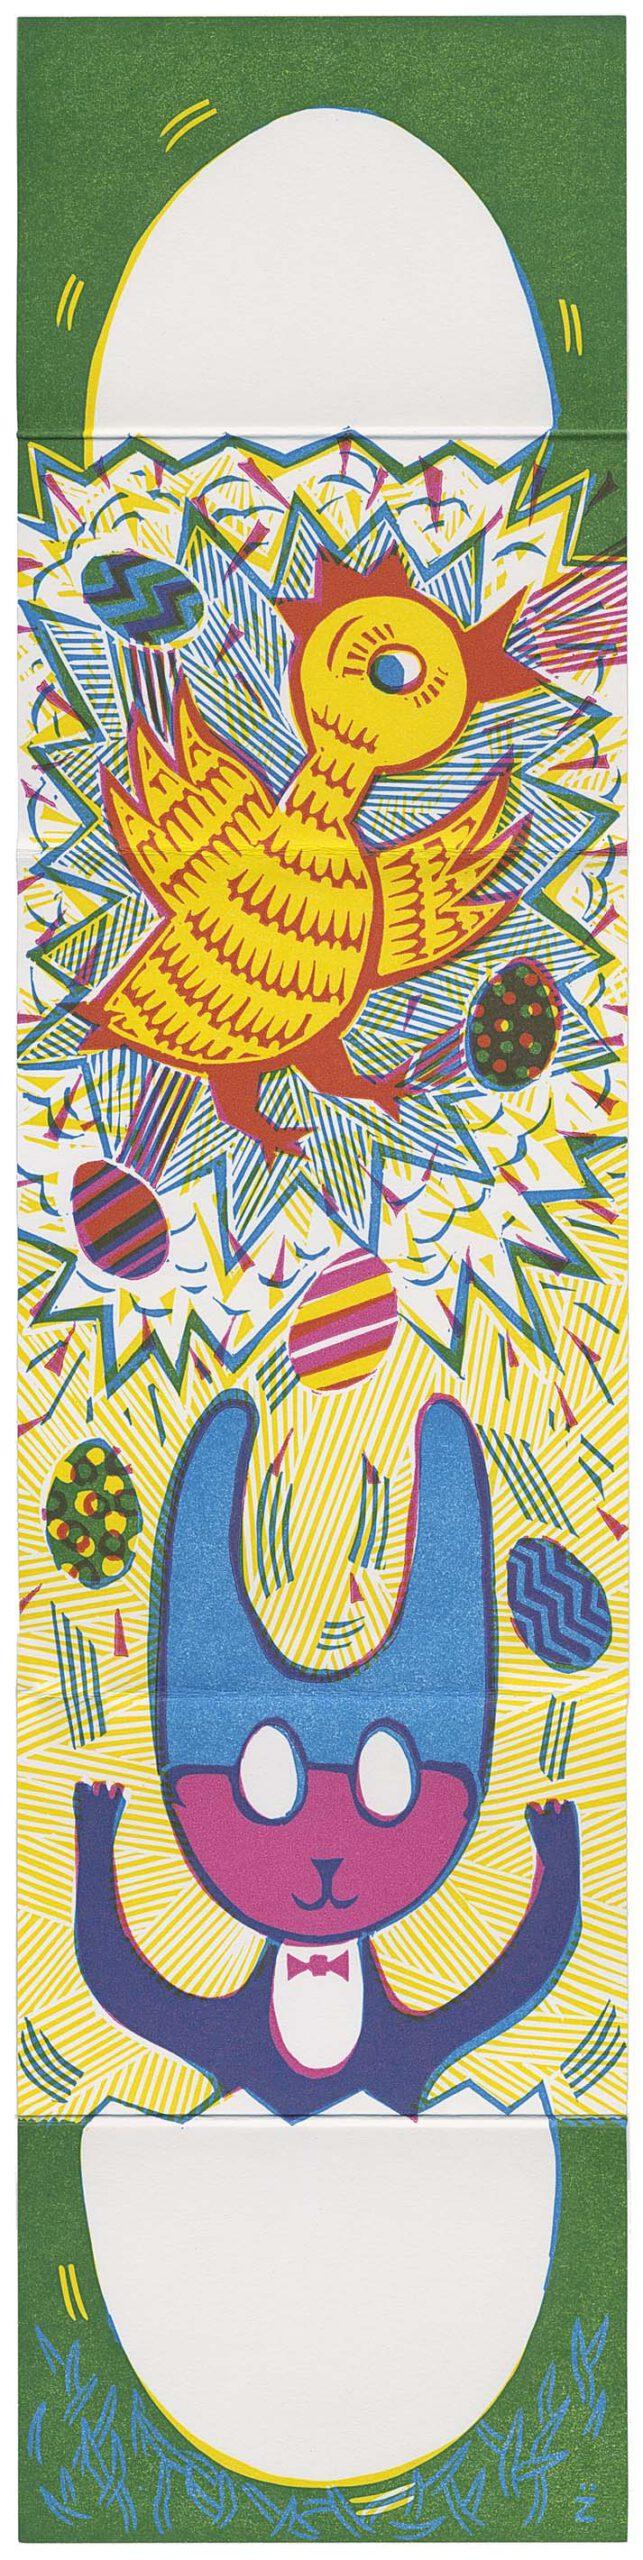 Osterhase und Küken mit vielen bunten Eieren